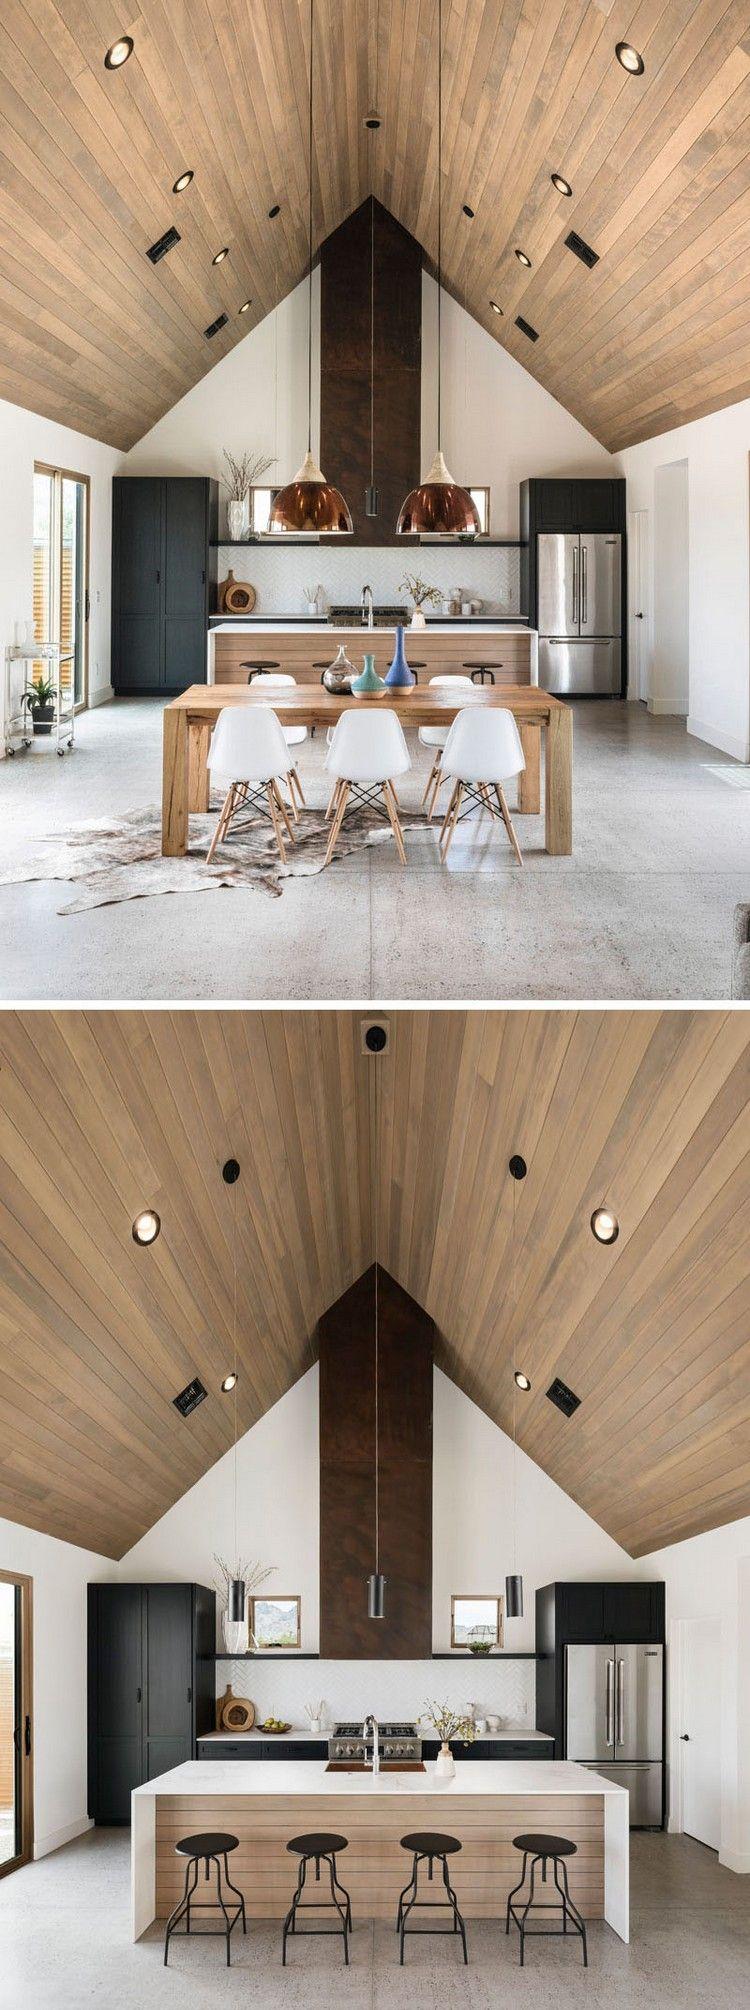 holzdecke modern küche essbereich akzente kupfer rost #architecture ...